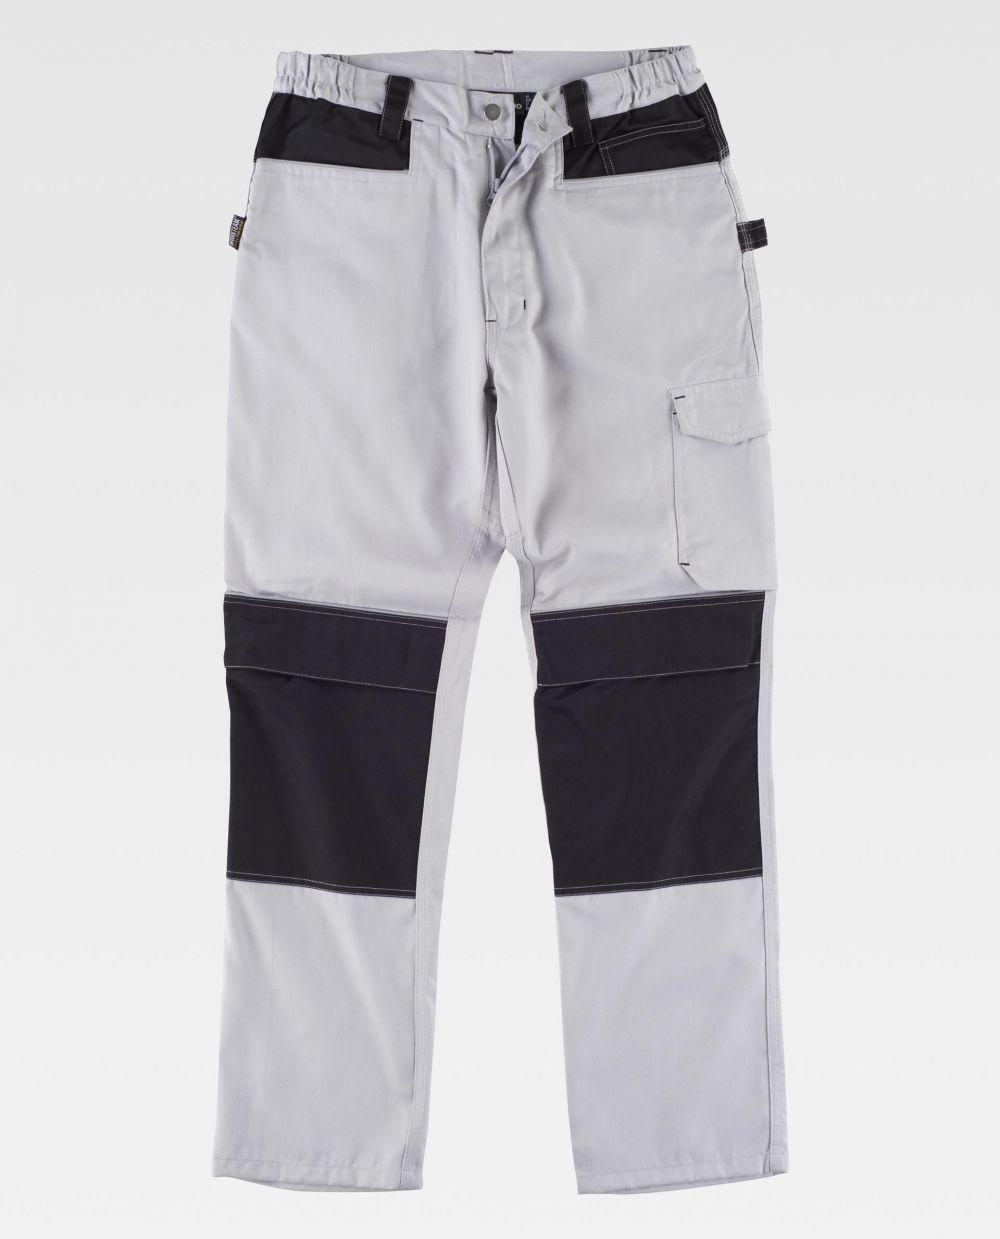 Pantalones de trabajo workteam wf1052 de poliéster vista 2